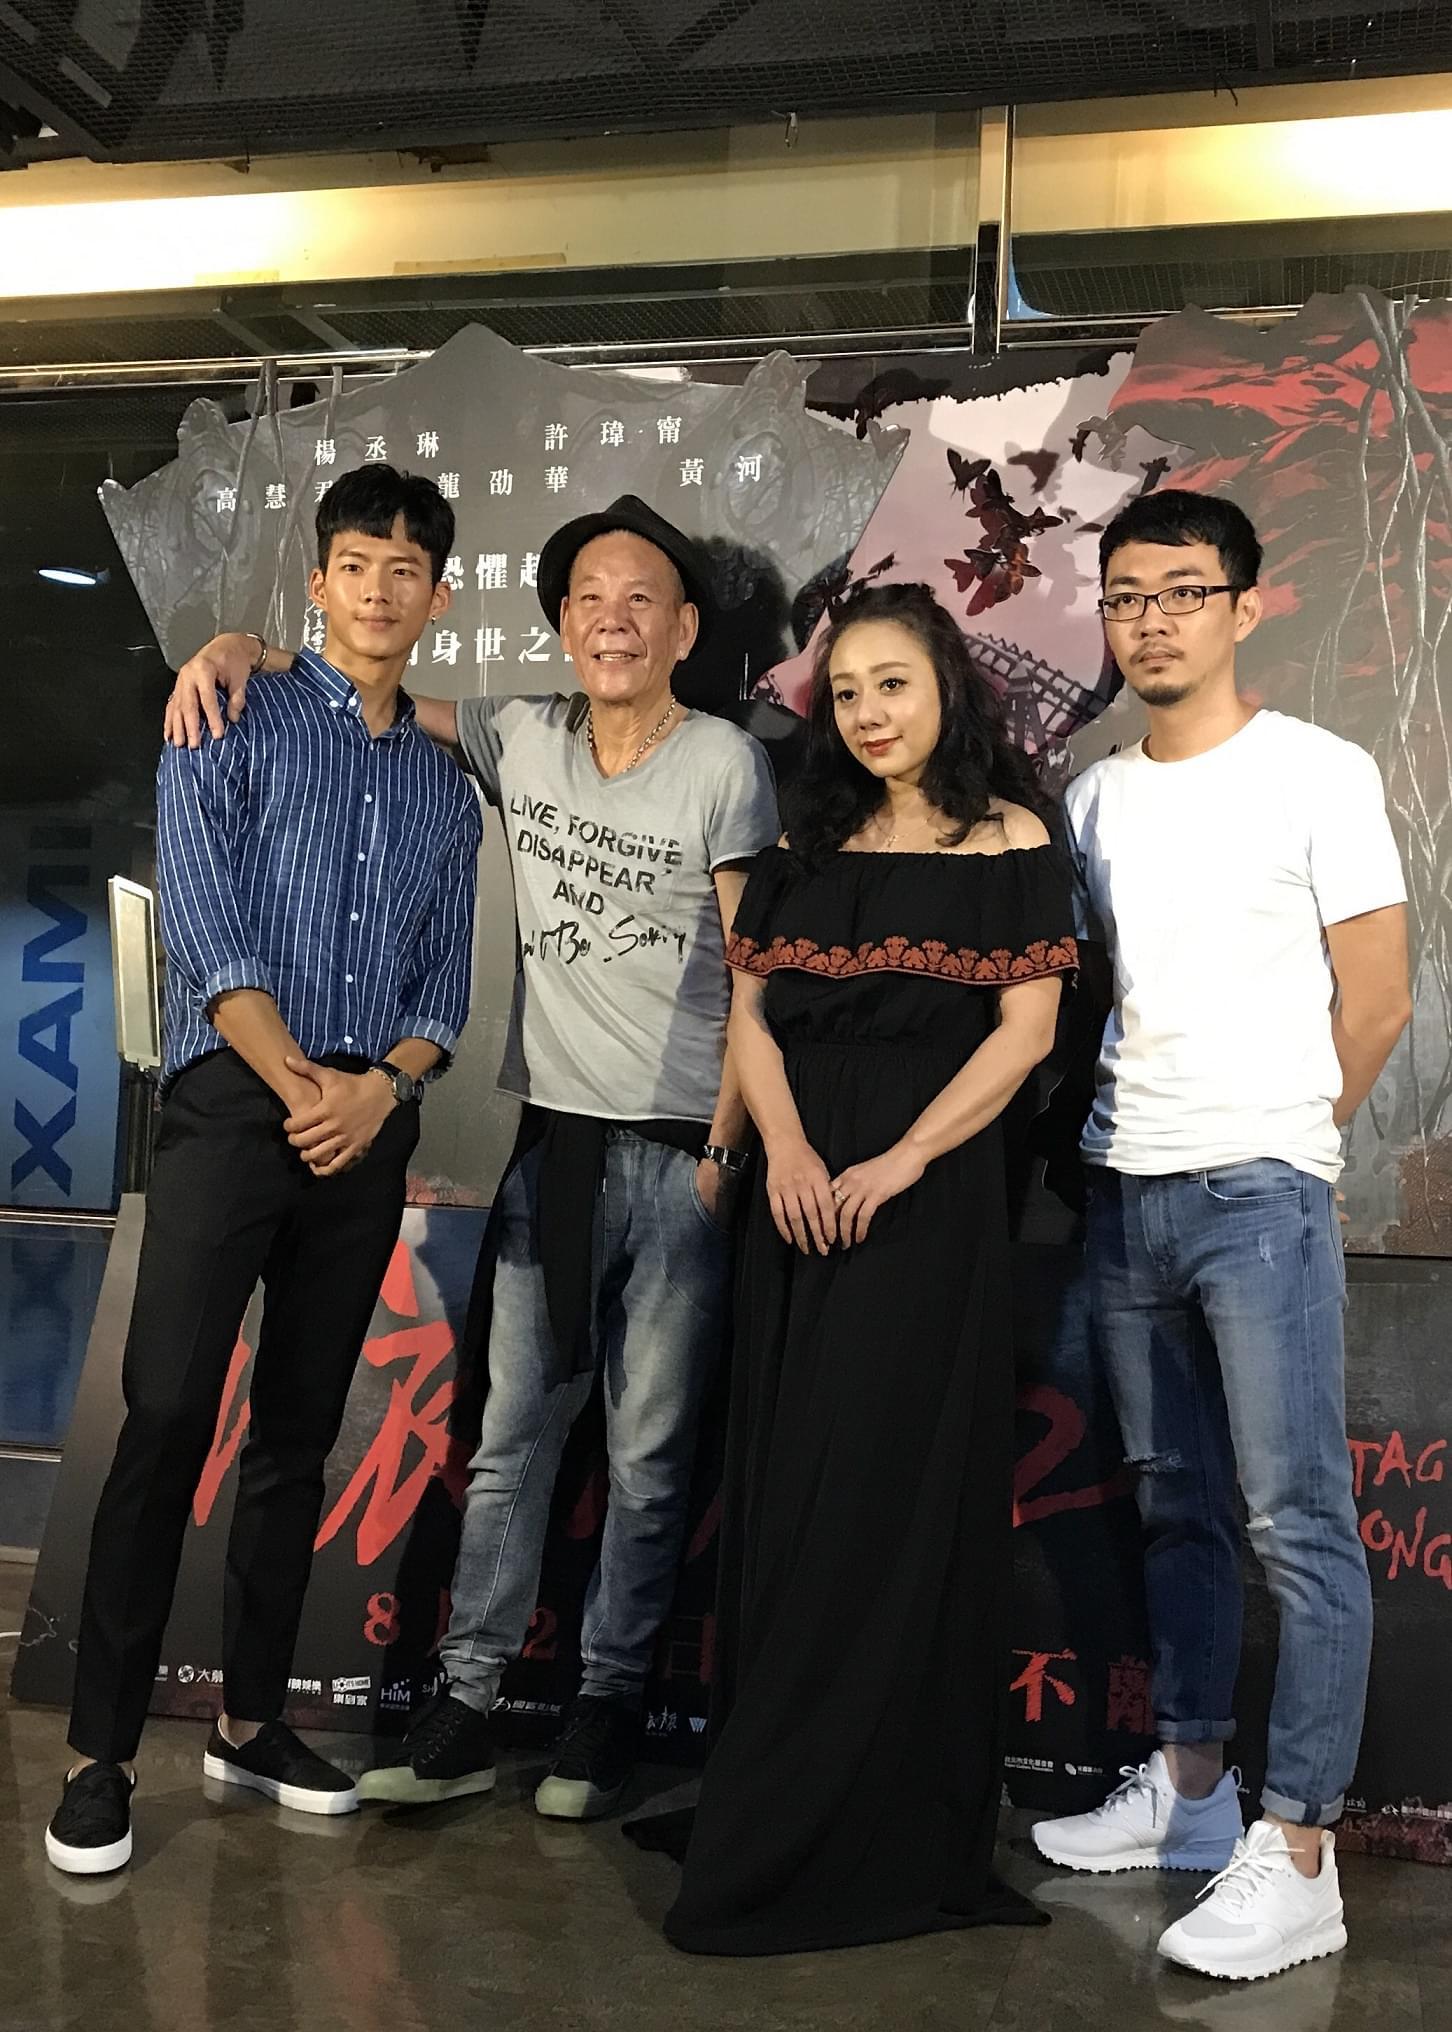 《红衣小女孩2》办试片会 媒体盛赞恐怖胜前集